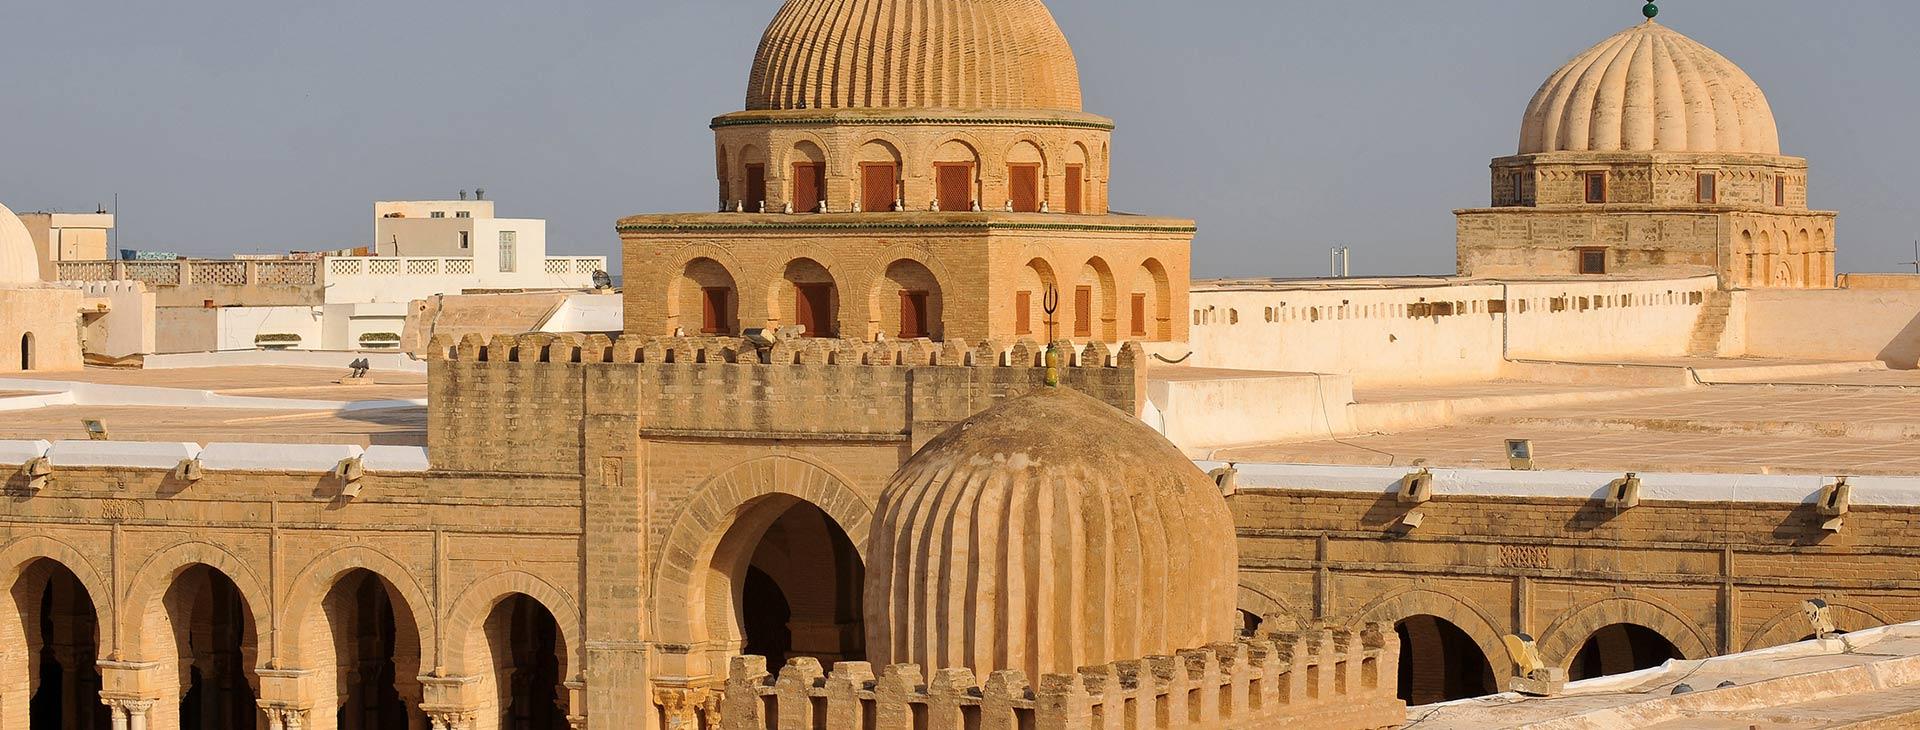 wycieczka objazdowa Tunezja - Gorąca Jak Samum